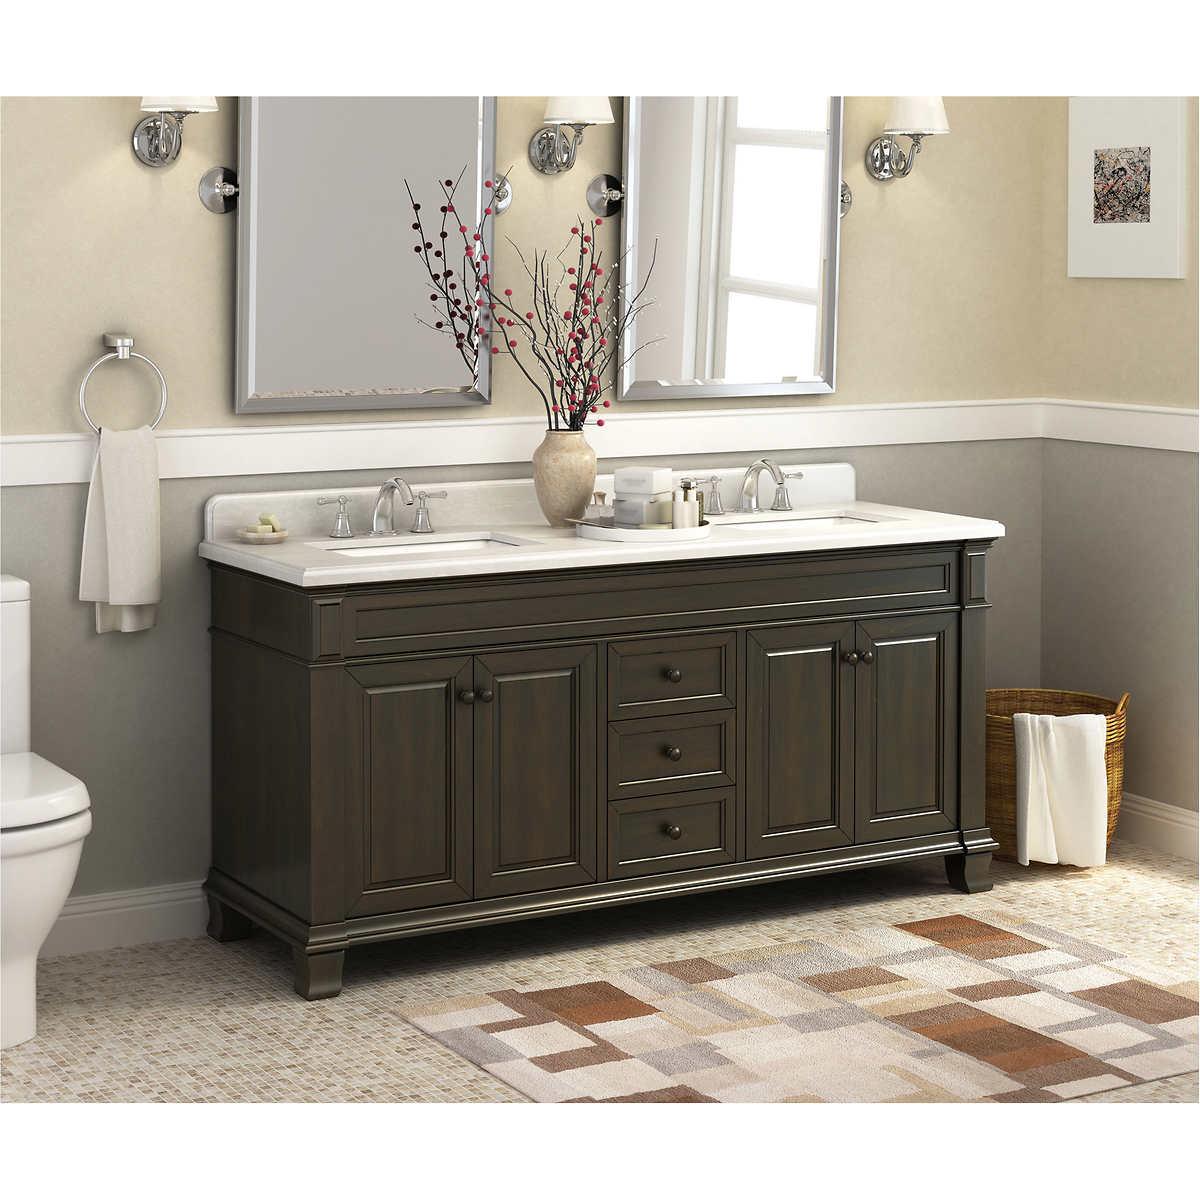 double sink vanities, Bathroom decor